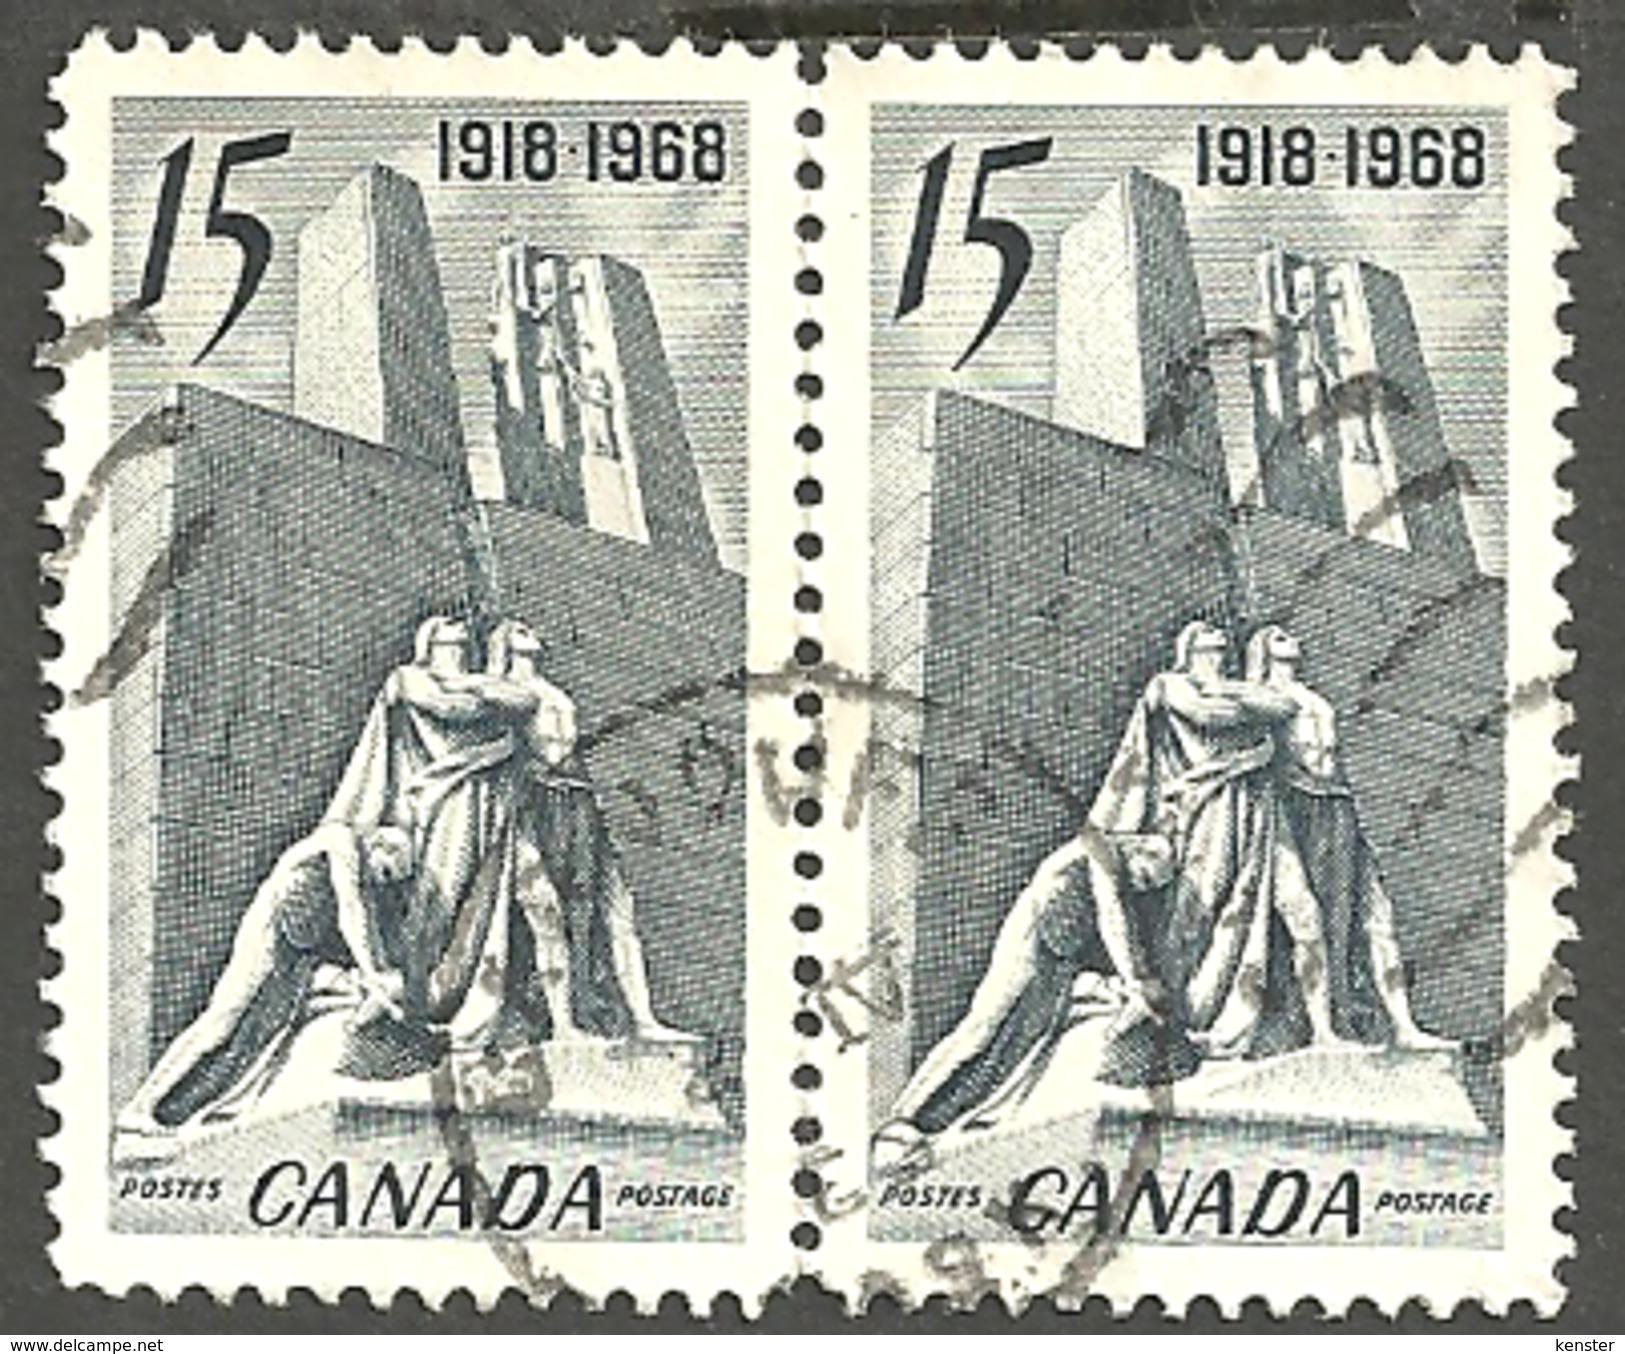 Sc. # 486 Armistice, Canadian Vimy Memorial, Arras, France Pair CDS Used 1968 K145 - Oblitérés